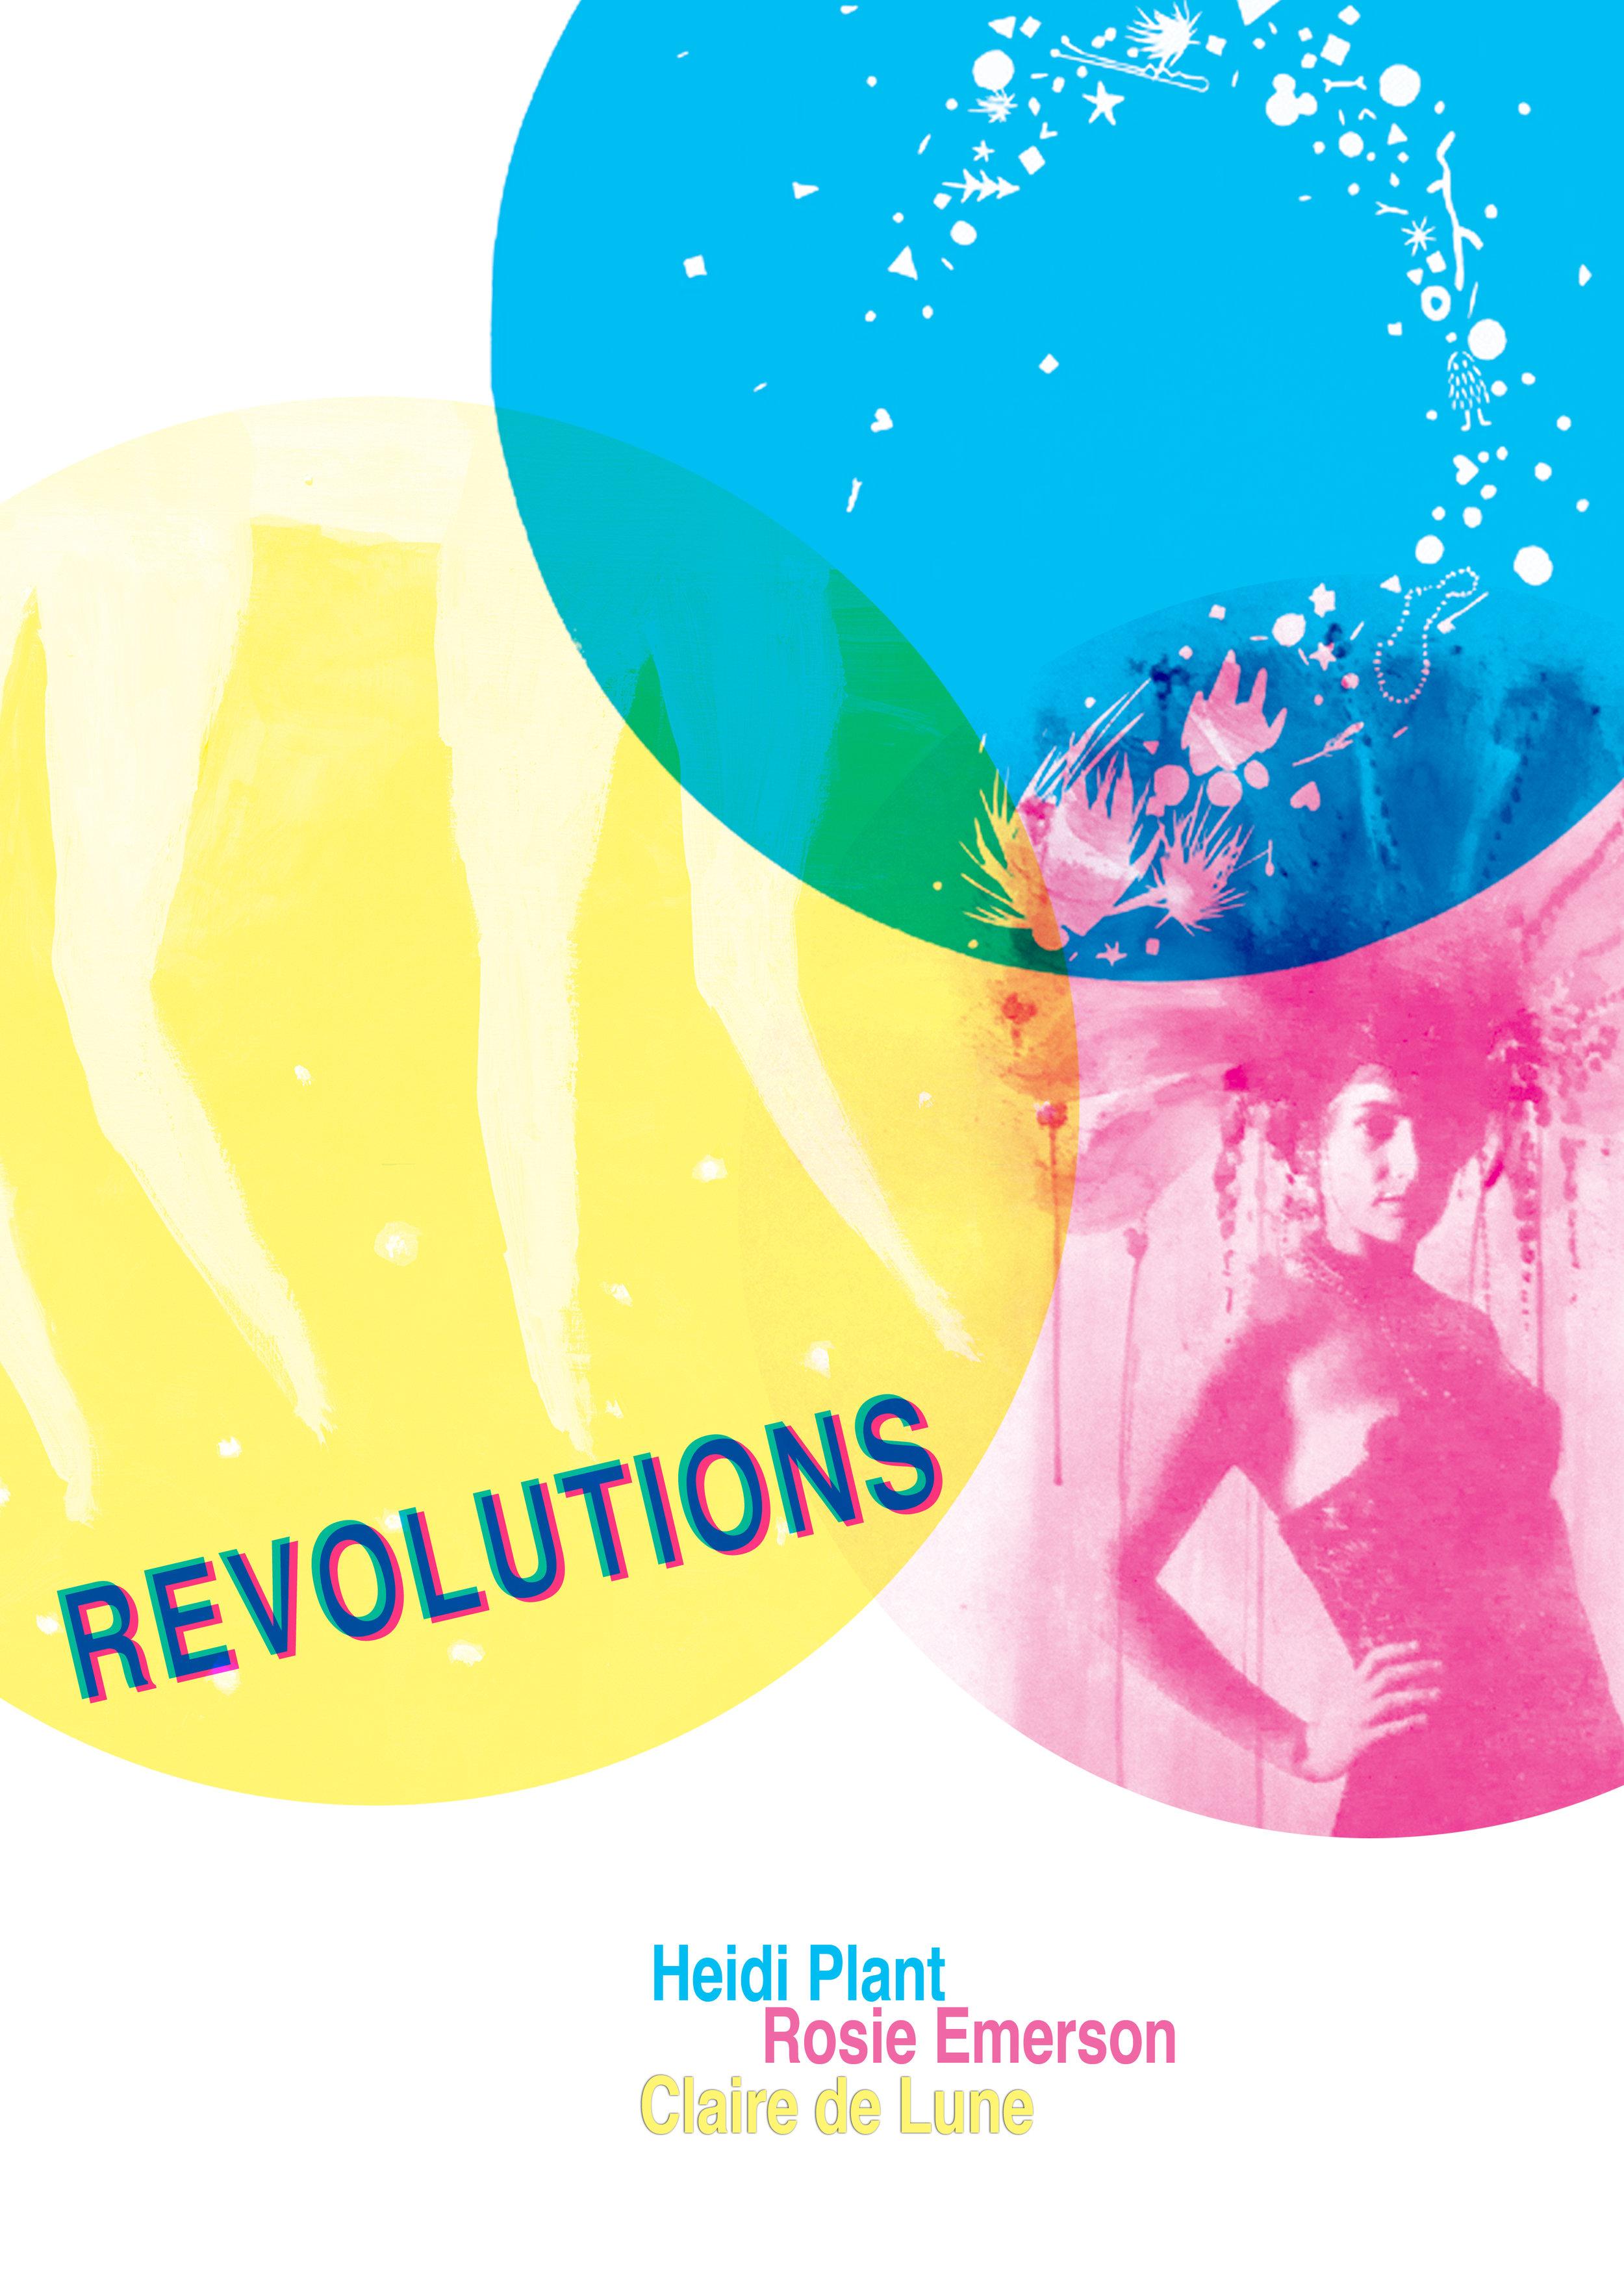 claire de lune revolutions margate exhibition